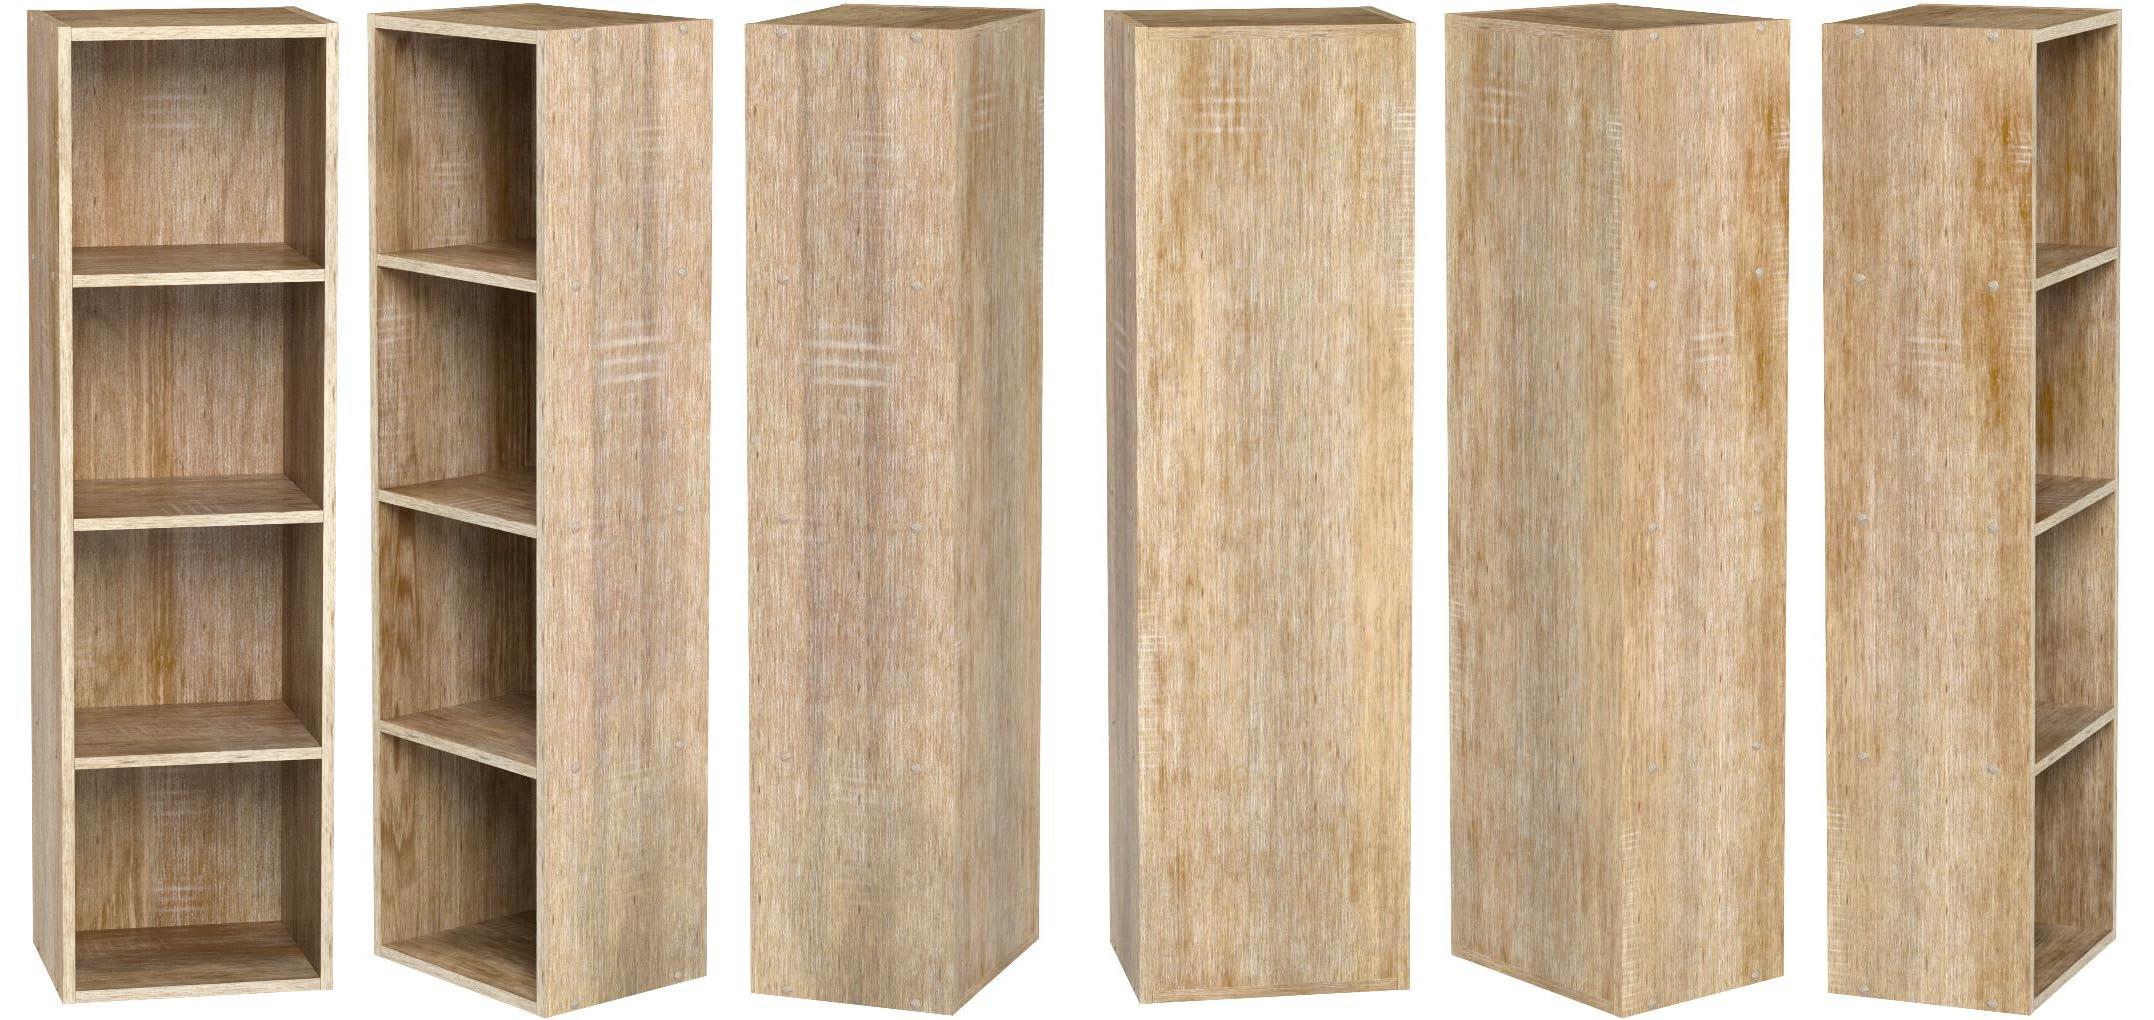 Estante de madera, varios modelos con 1, 2, 3 o 4 compartimentos, Antique Oak, 4 niveles